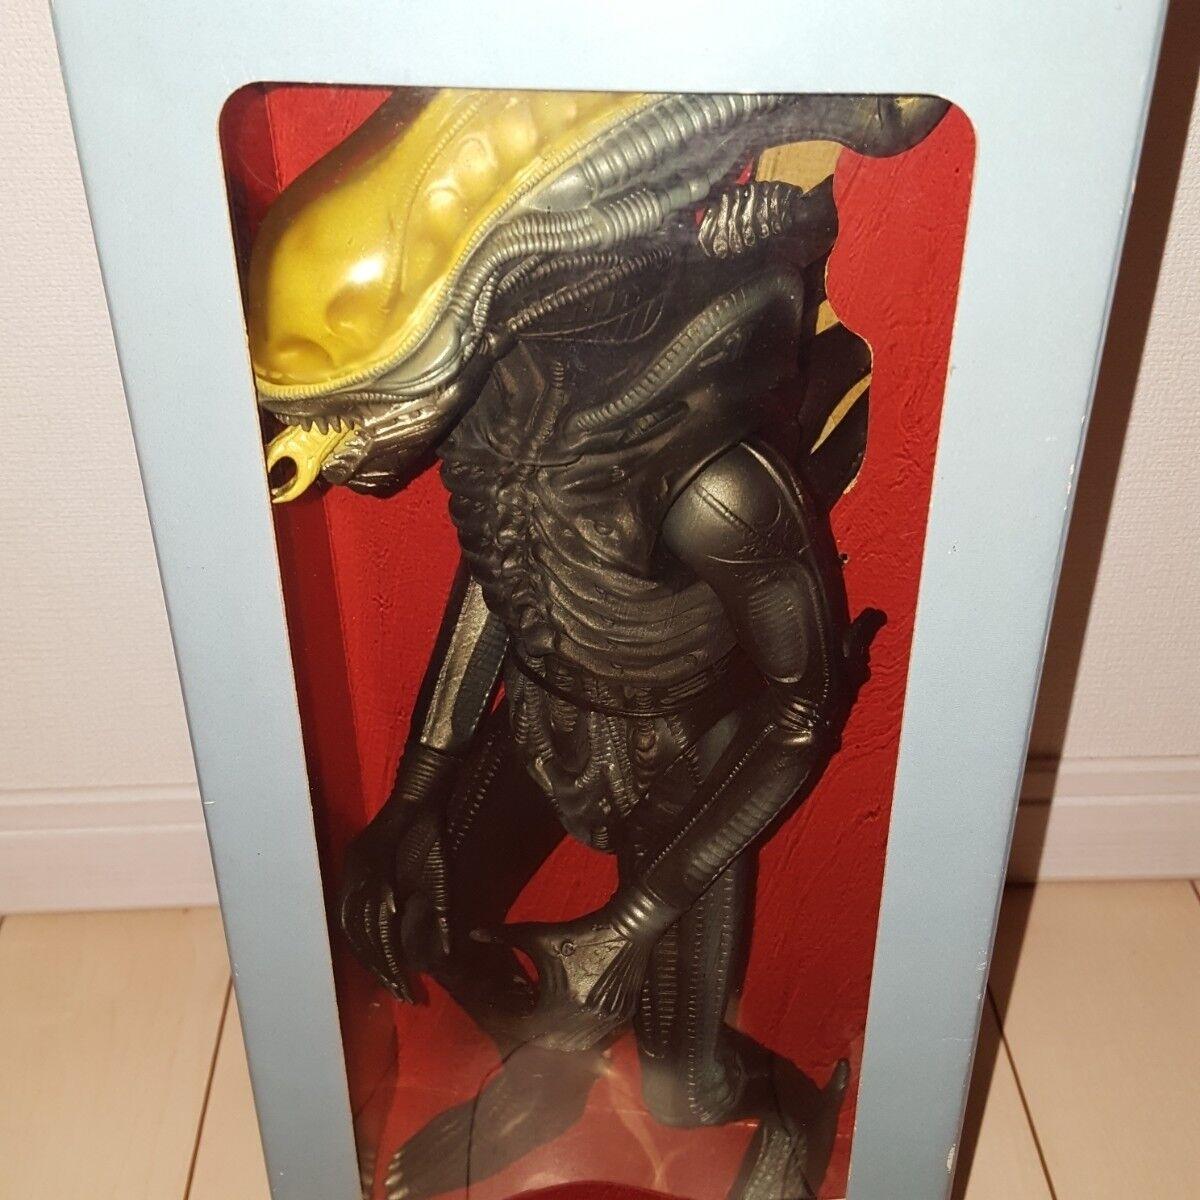 TSUKUDA HOBBY 1 5 scale PVC Alien figure